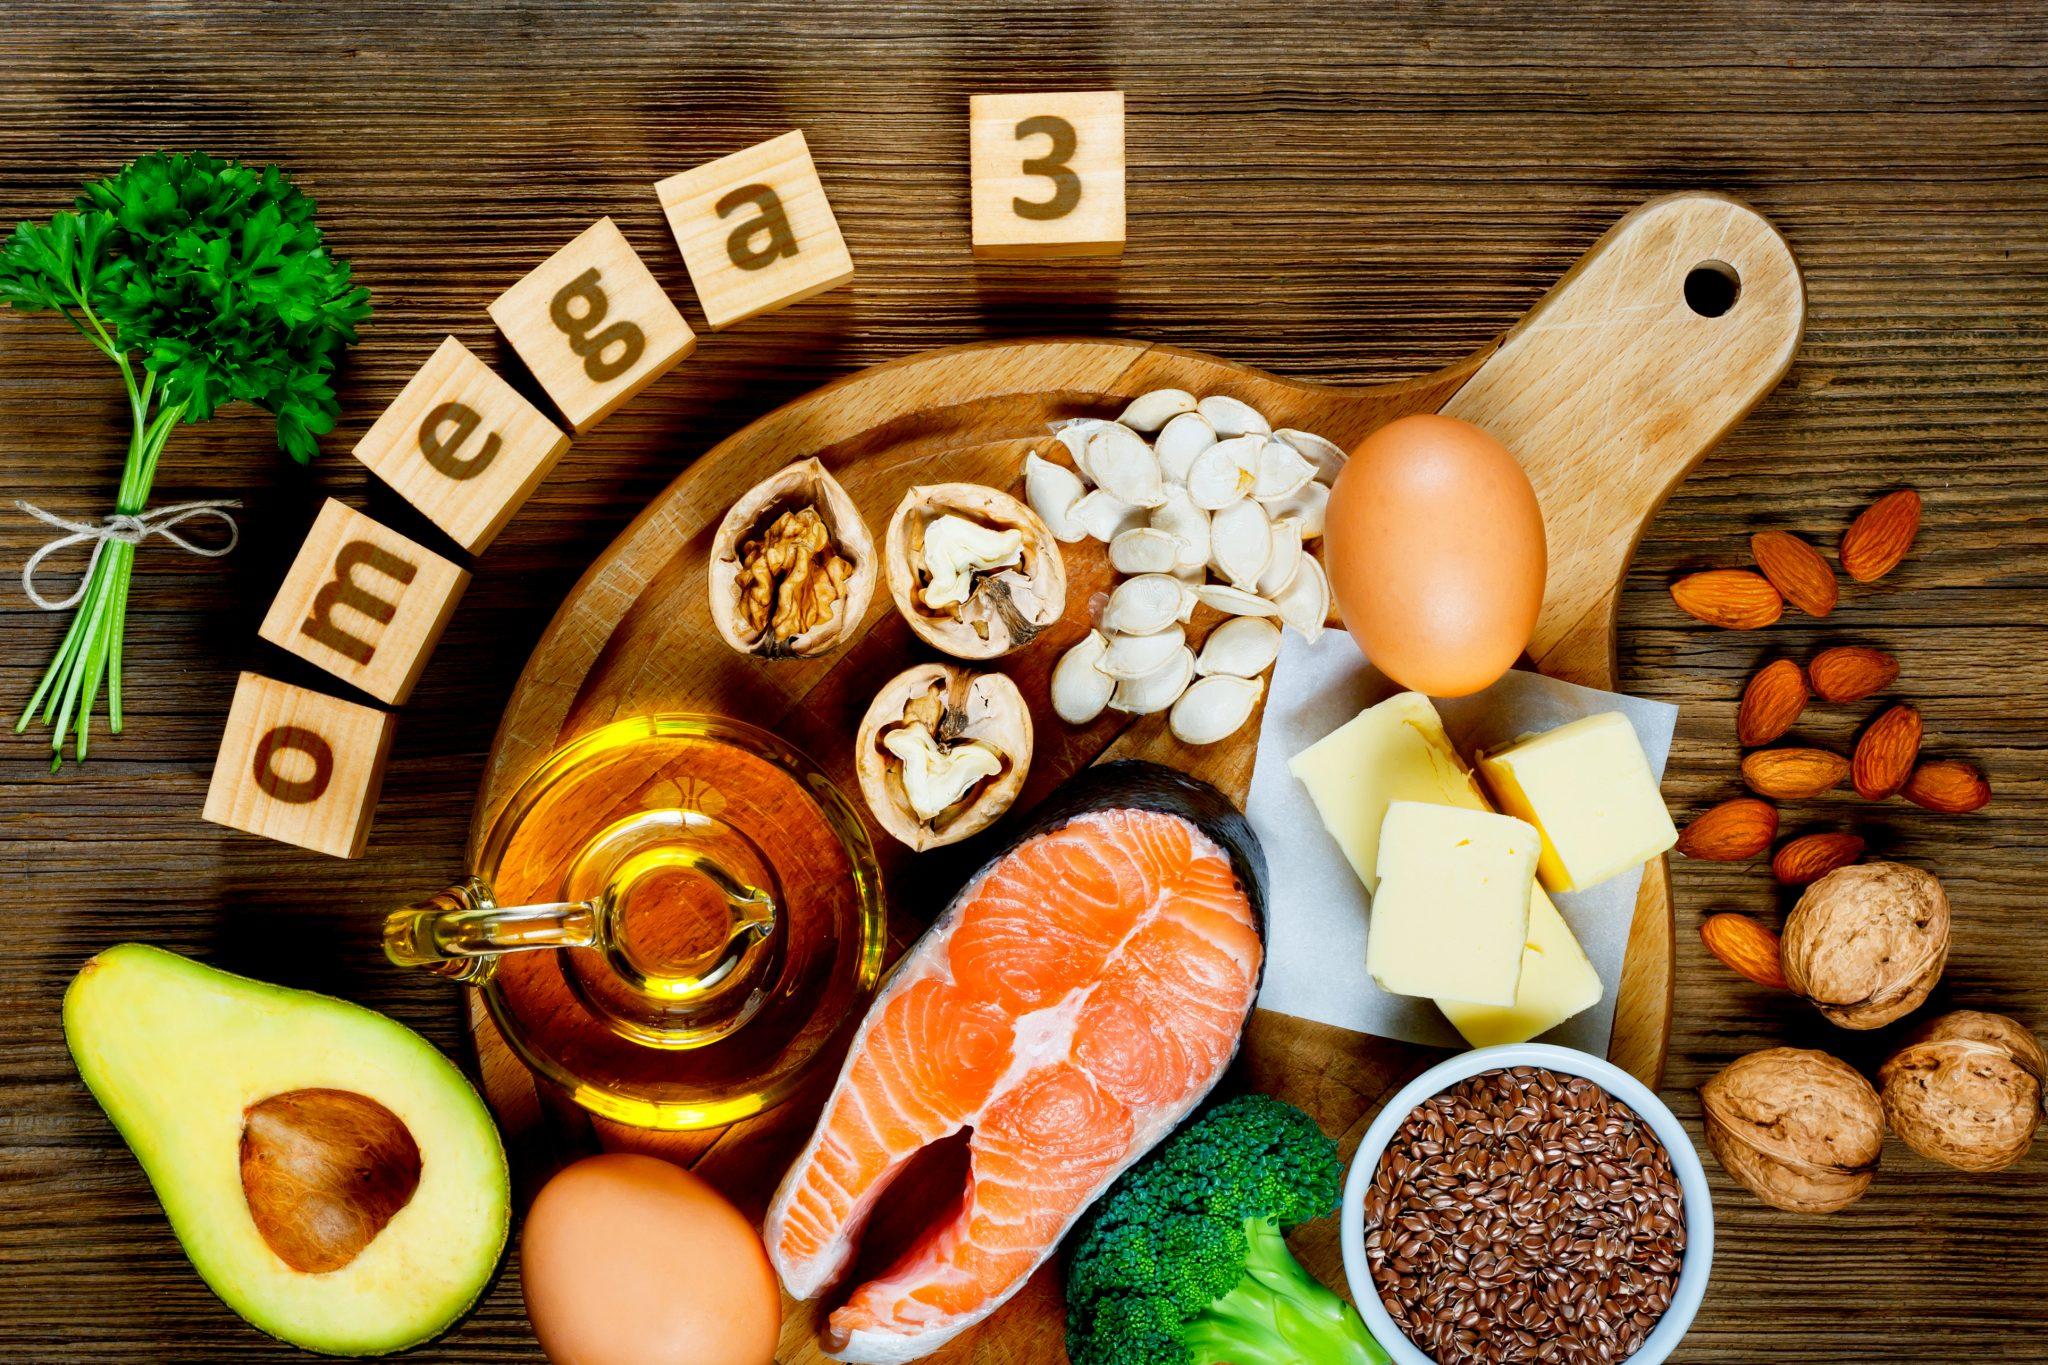 オメガ3脂肪酸を含む食品一覧